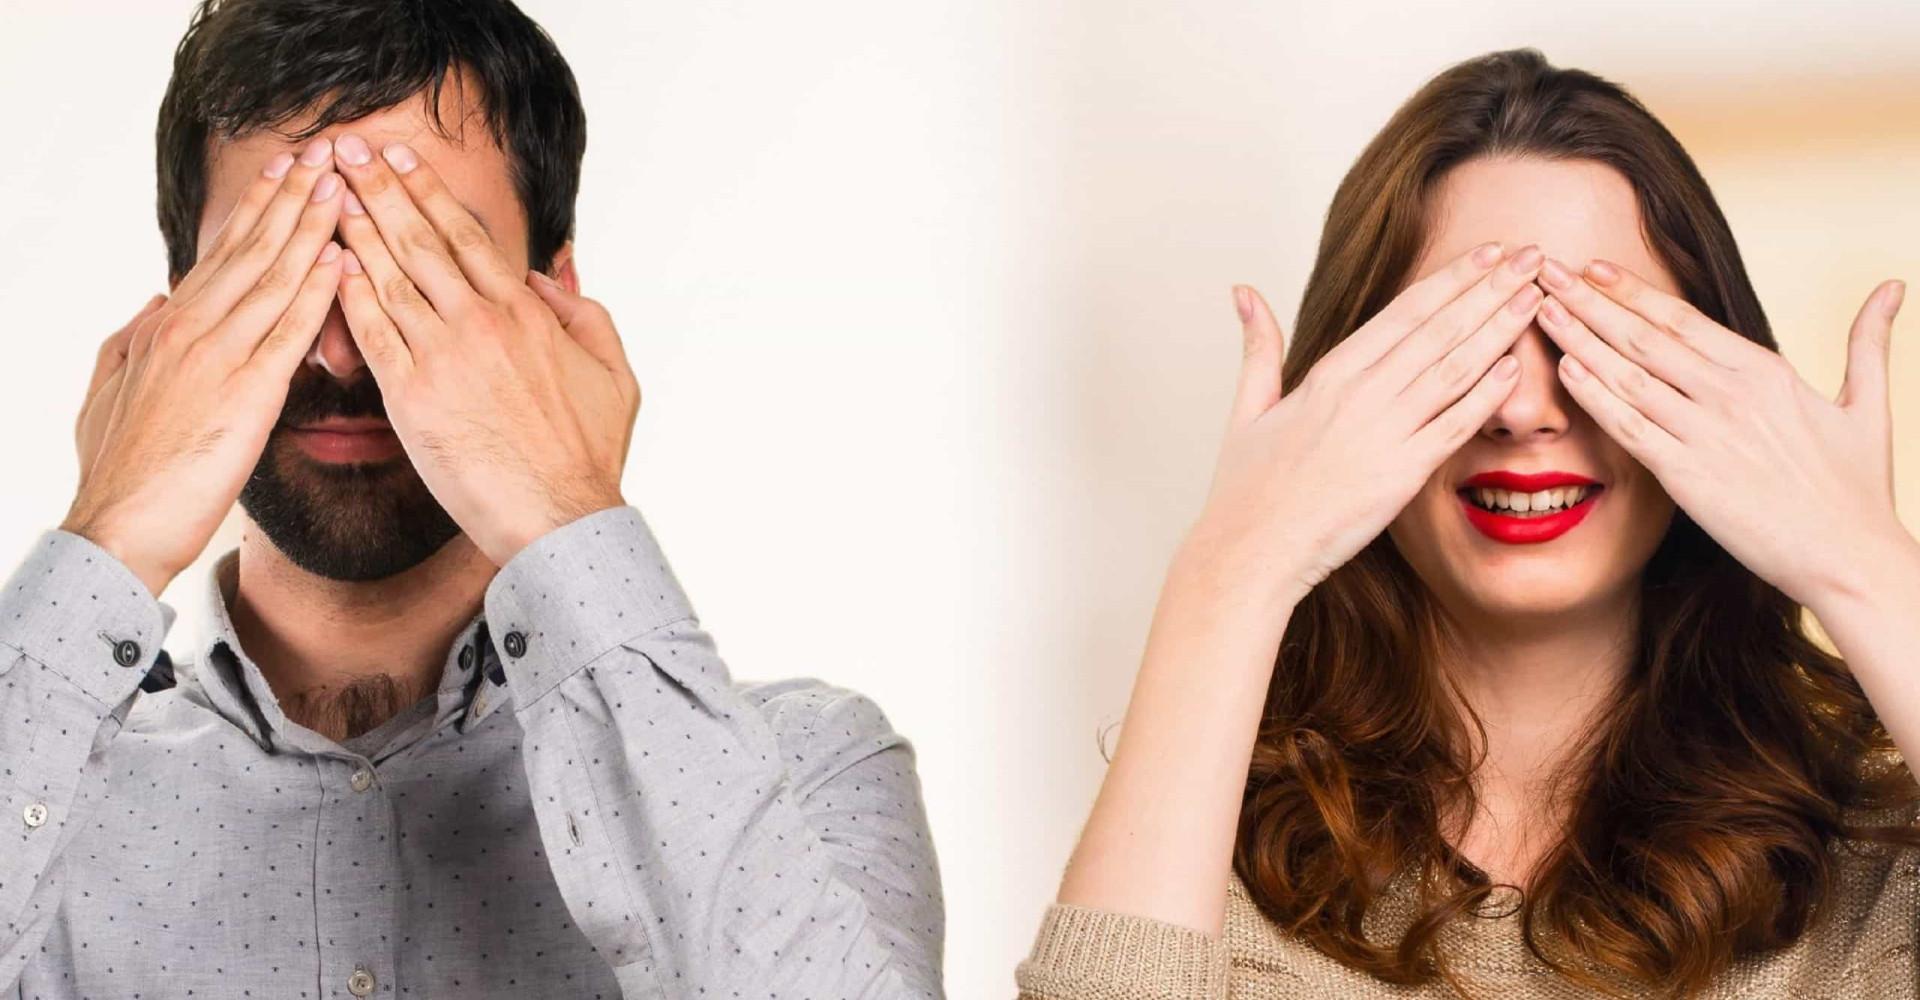 De frans-canadese cultuur dating, kristen wiig dating geschiedenis.